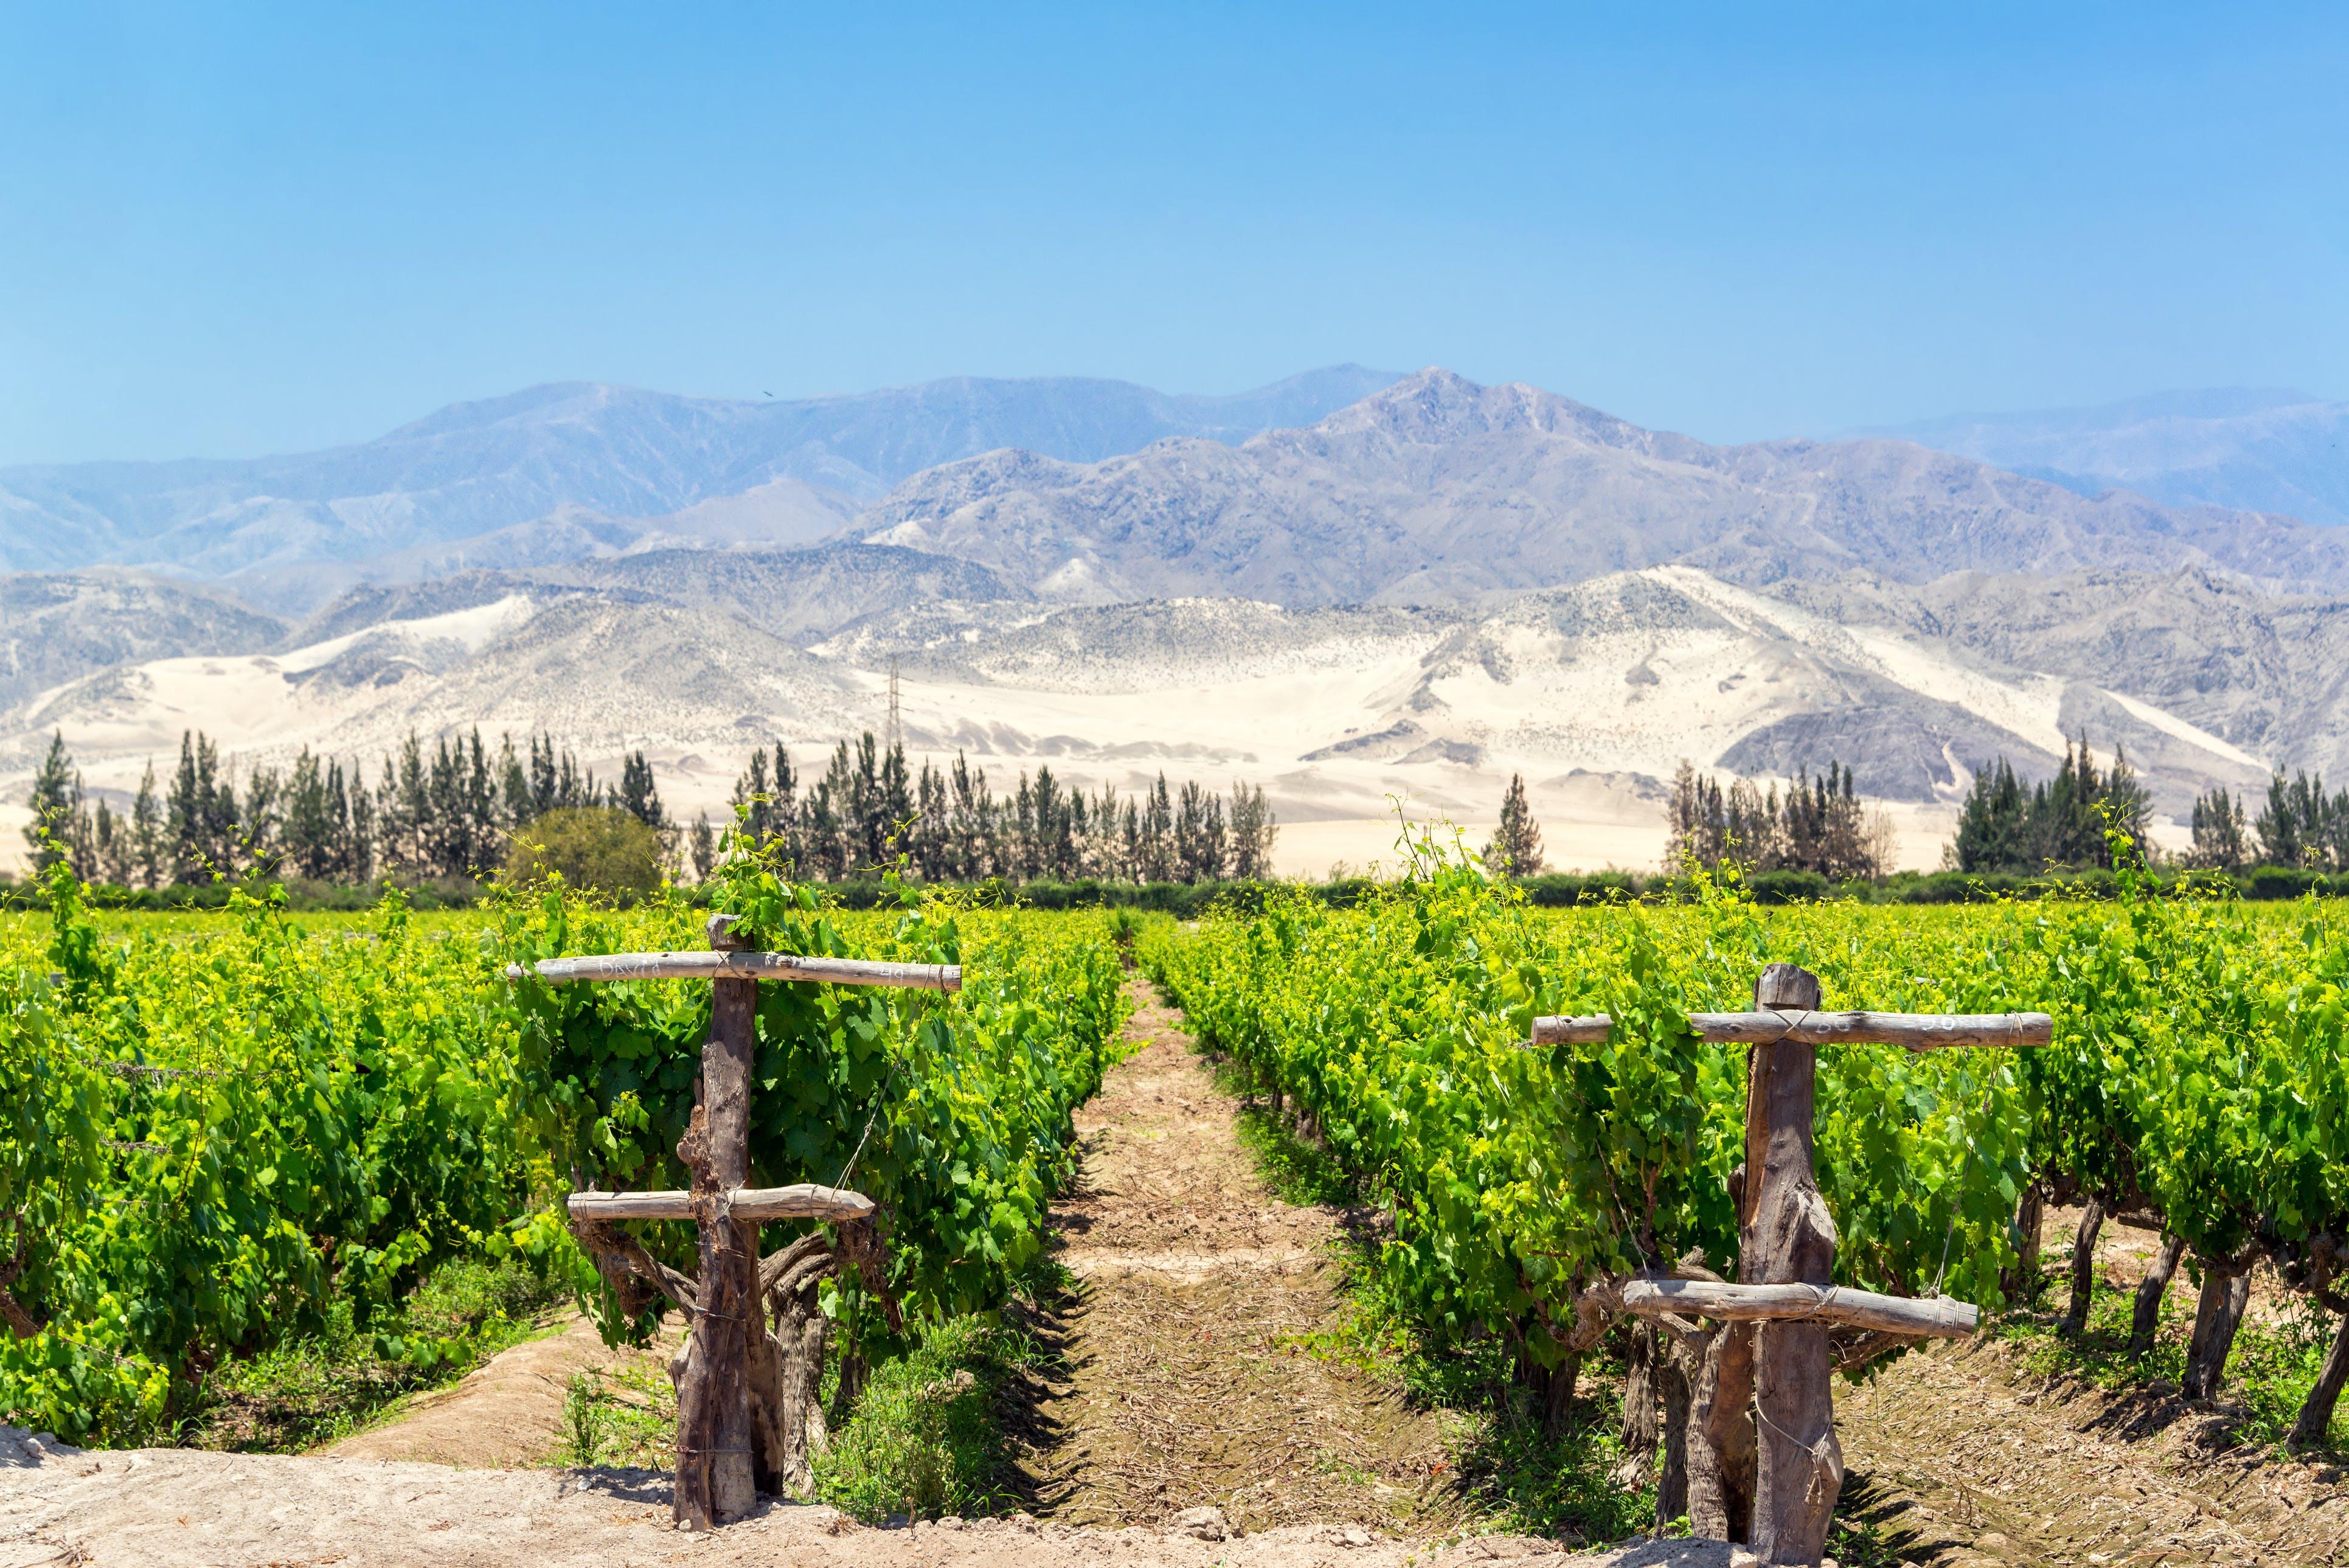 Bij Ica vind je de oudste wijngaarden van Peru